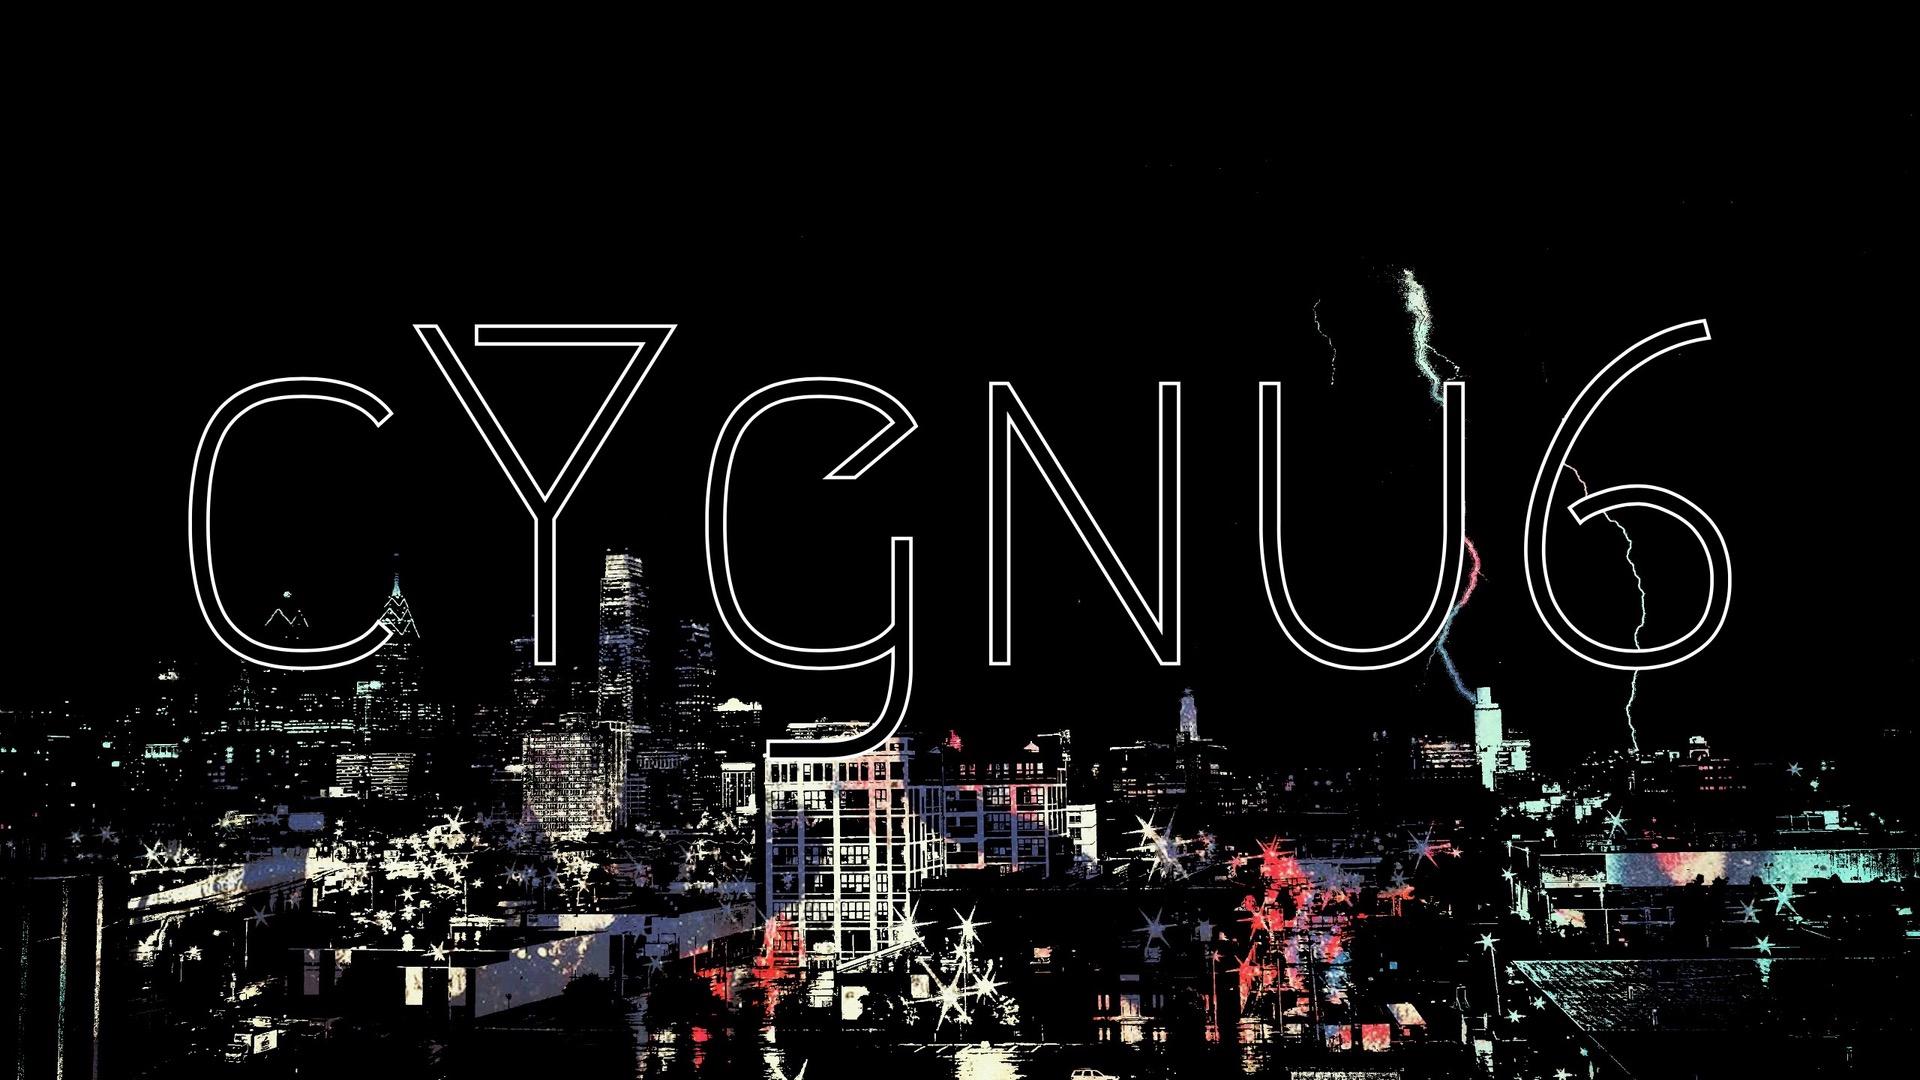 CYGNU6